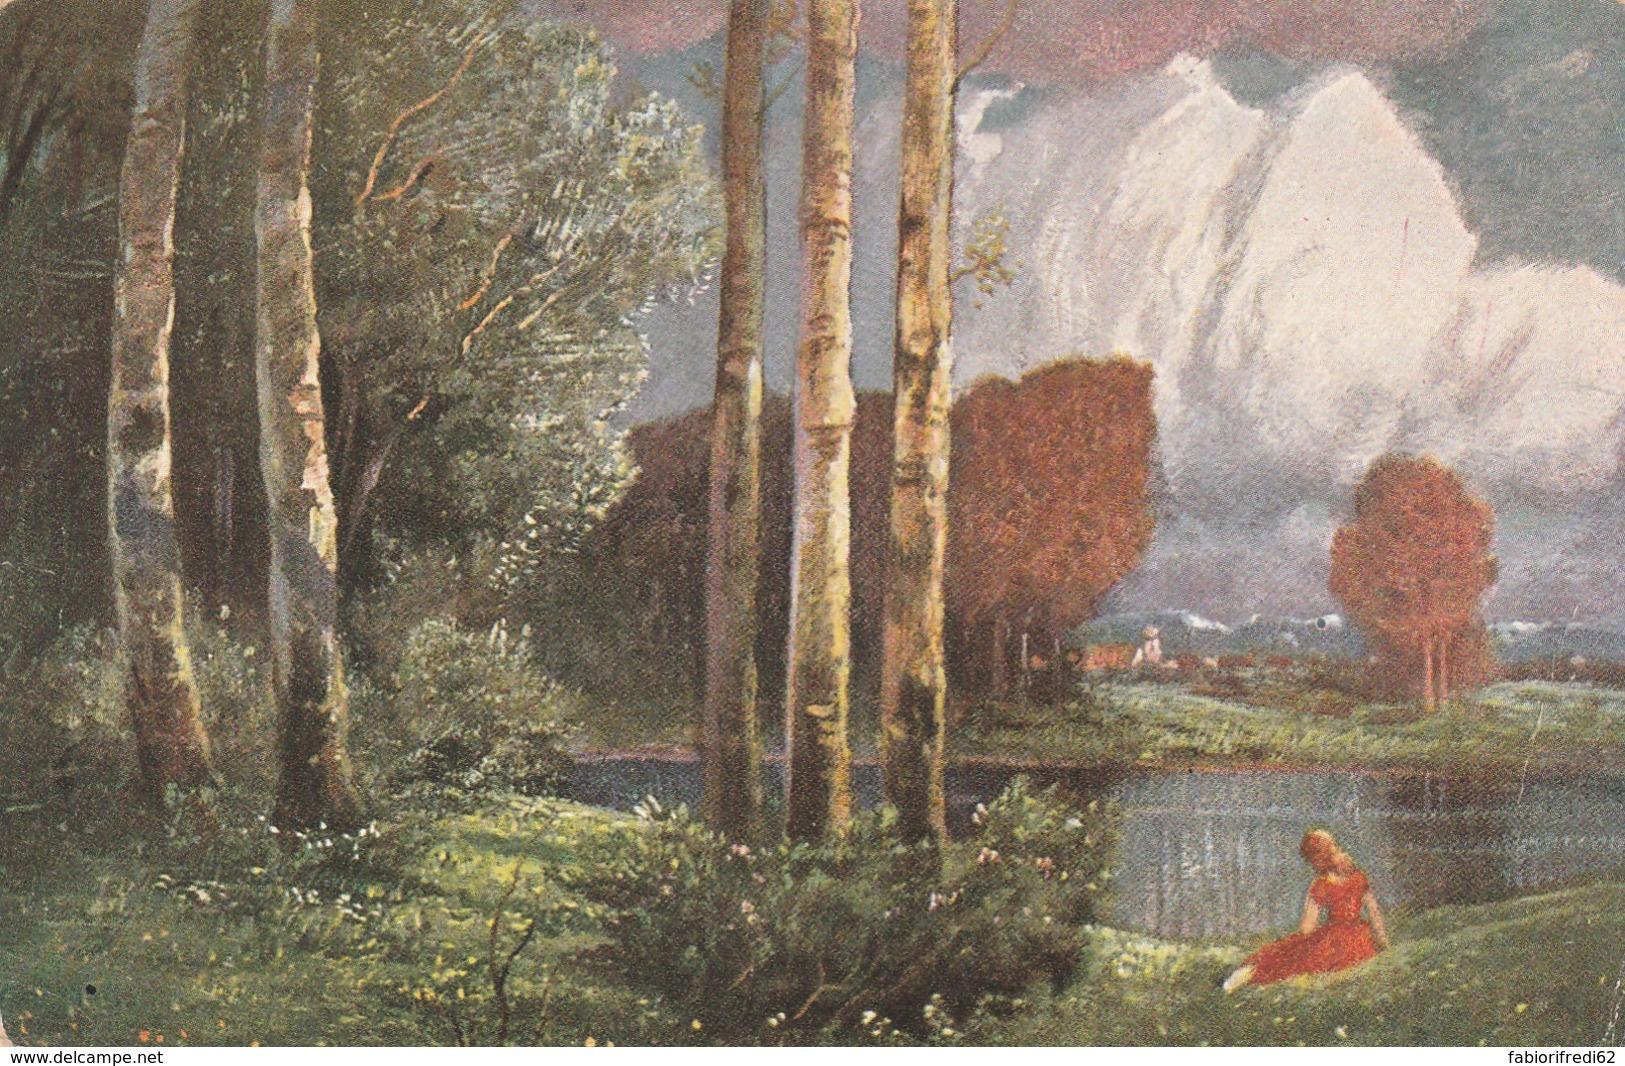 CARTOLINA VIAGGIATA 1913 ILLUSTRATORE NON FIRMATA (LX181 - Illustratori & Fotografie